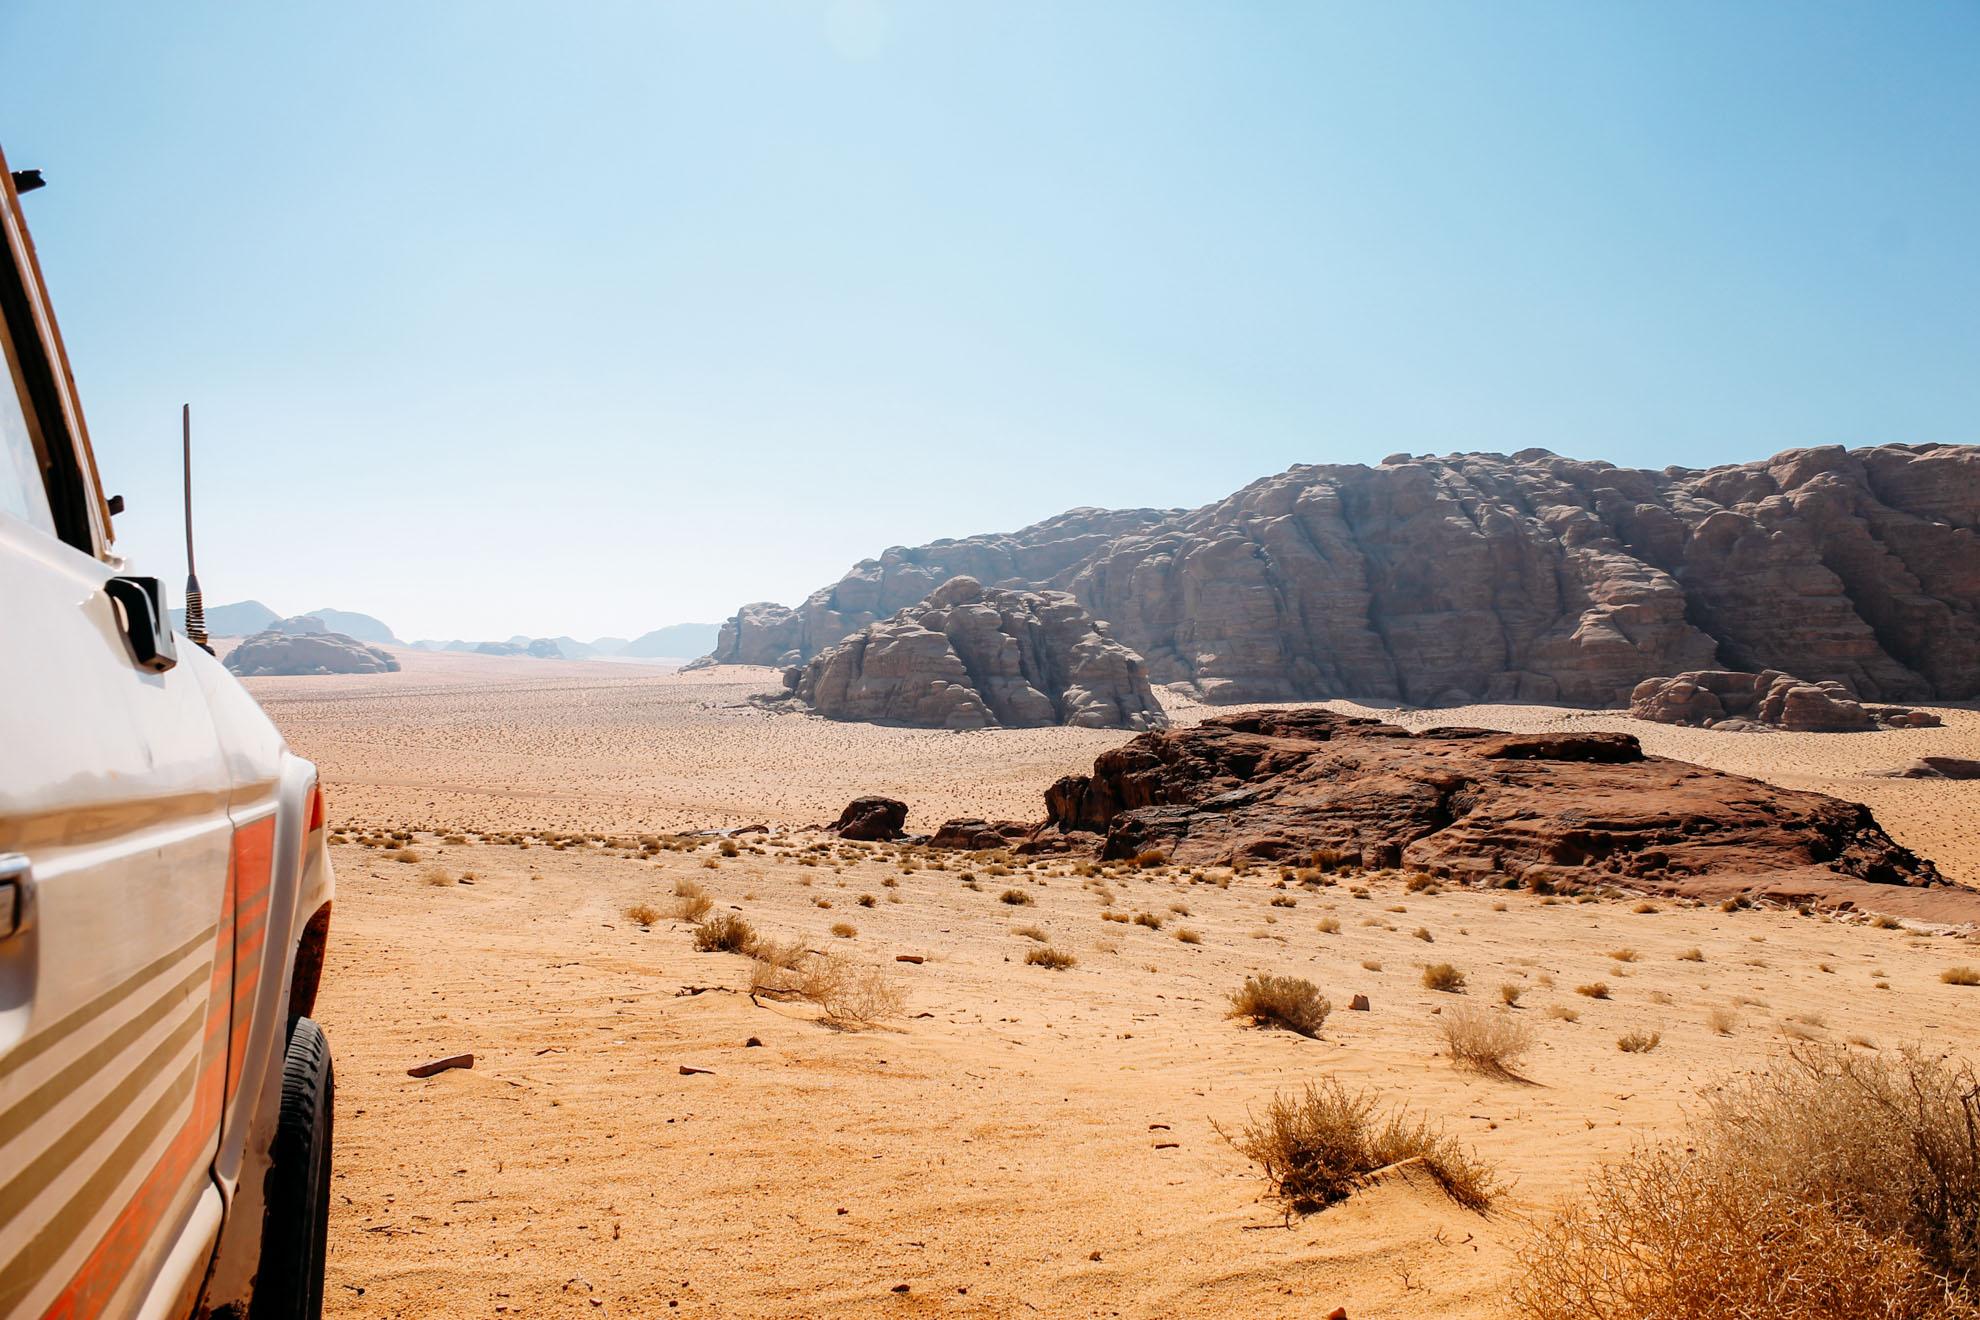 Wadi Rum © Oumayma Ajarrai